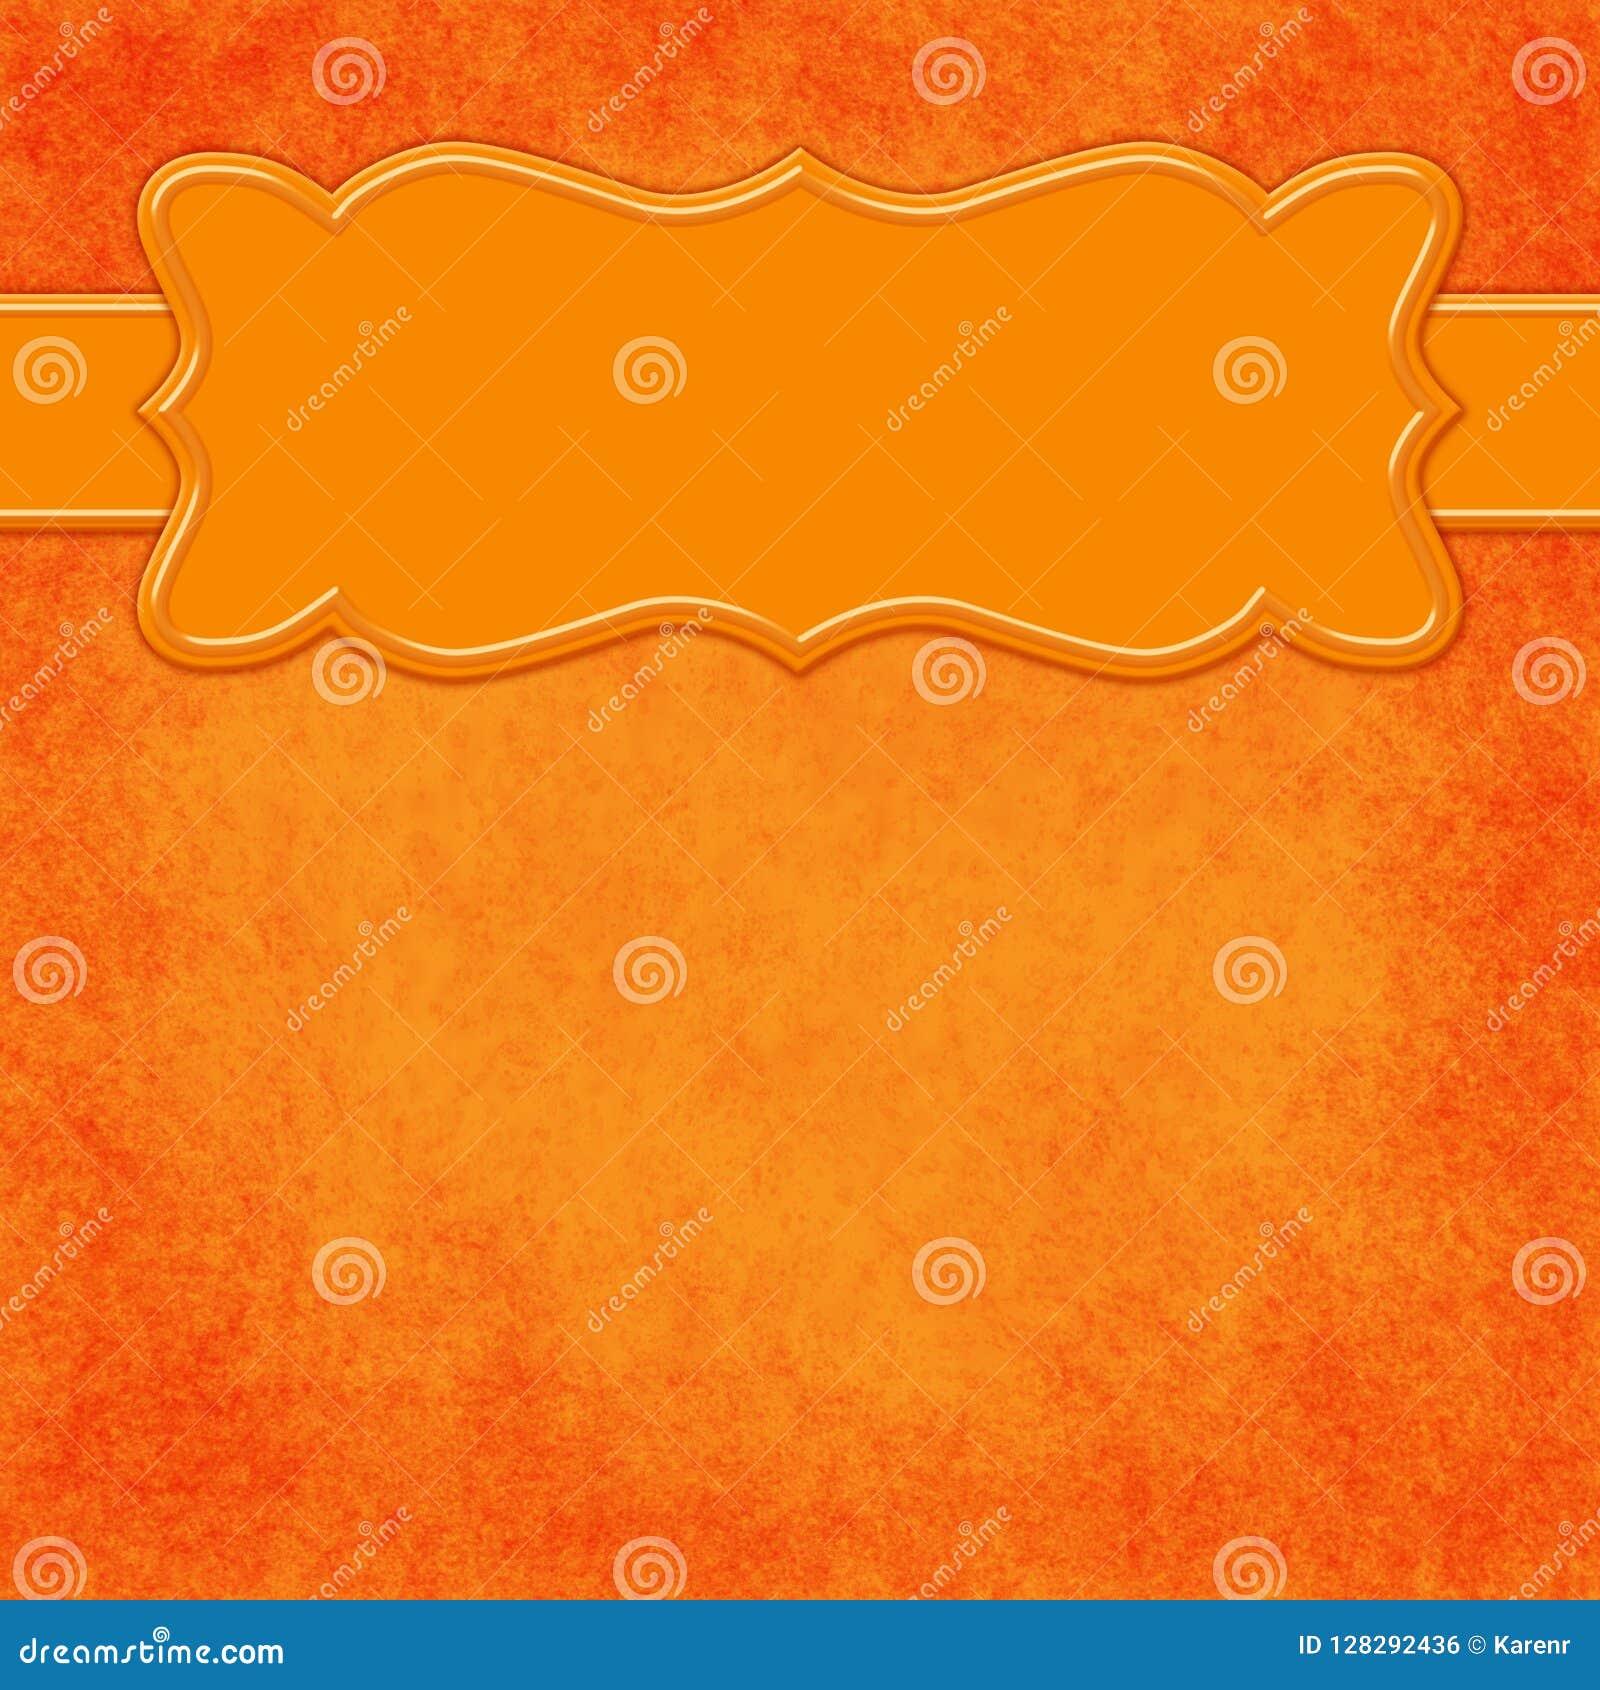 Pomarańczowy tło z chodnikowa sztandarem